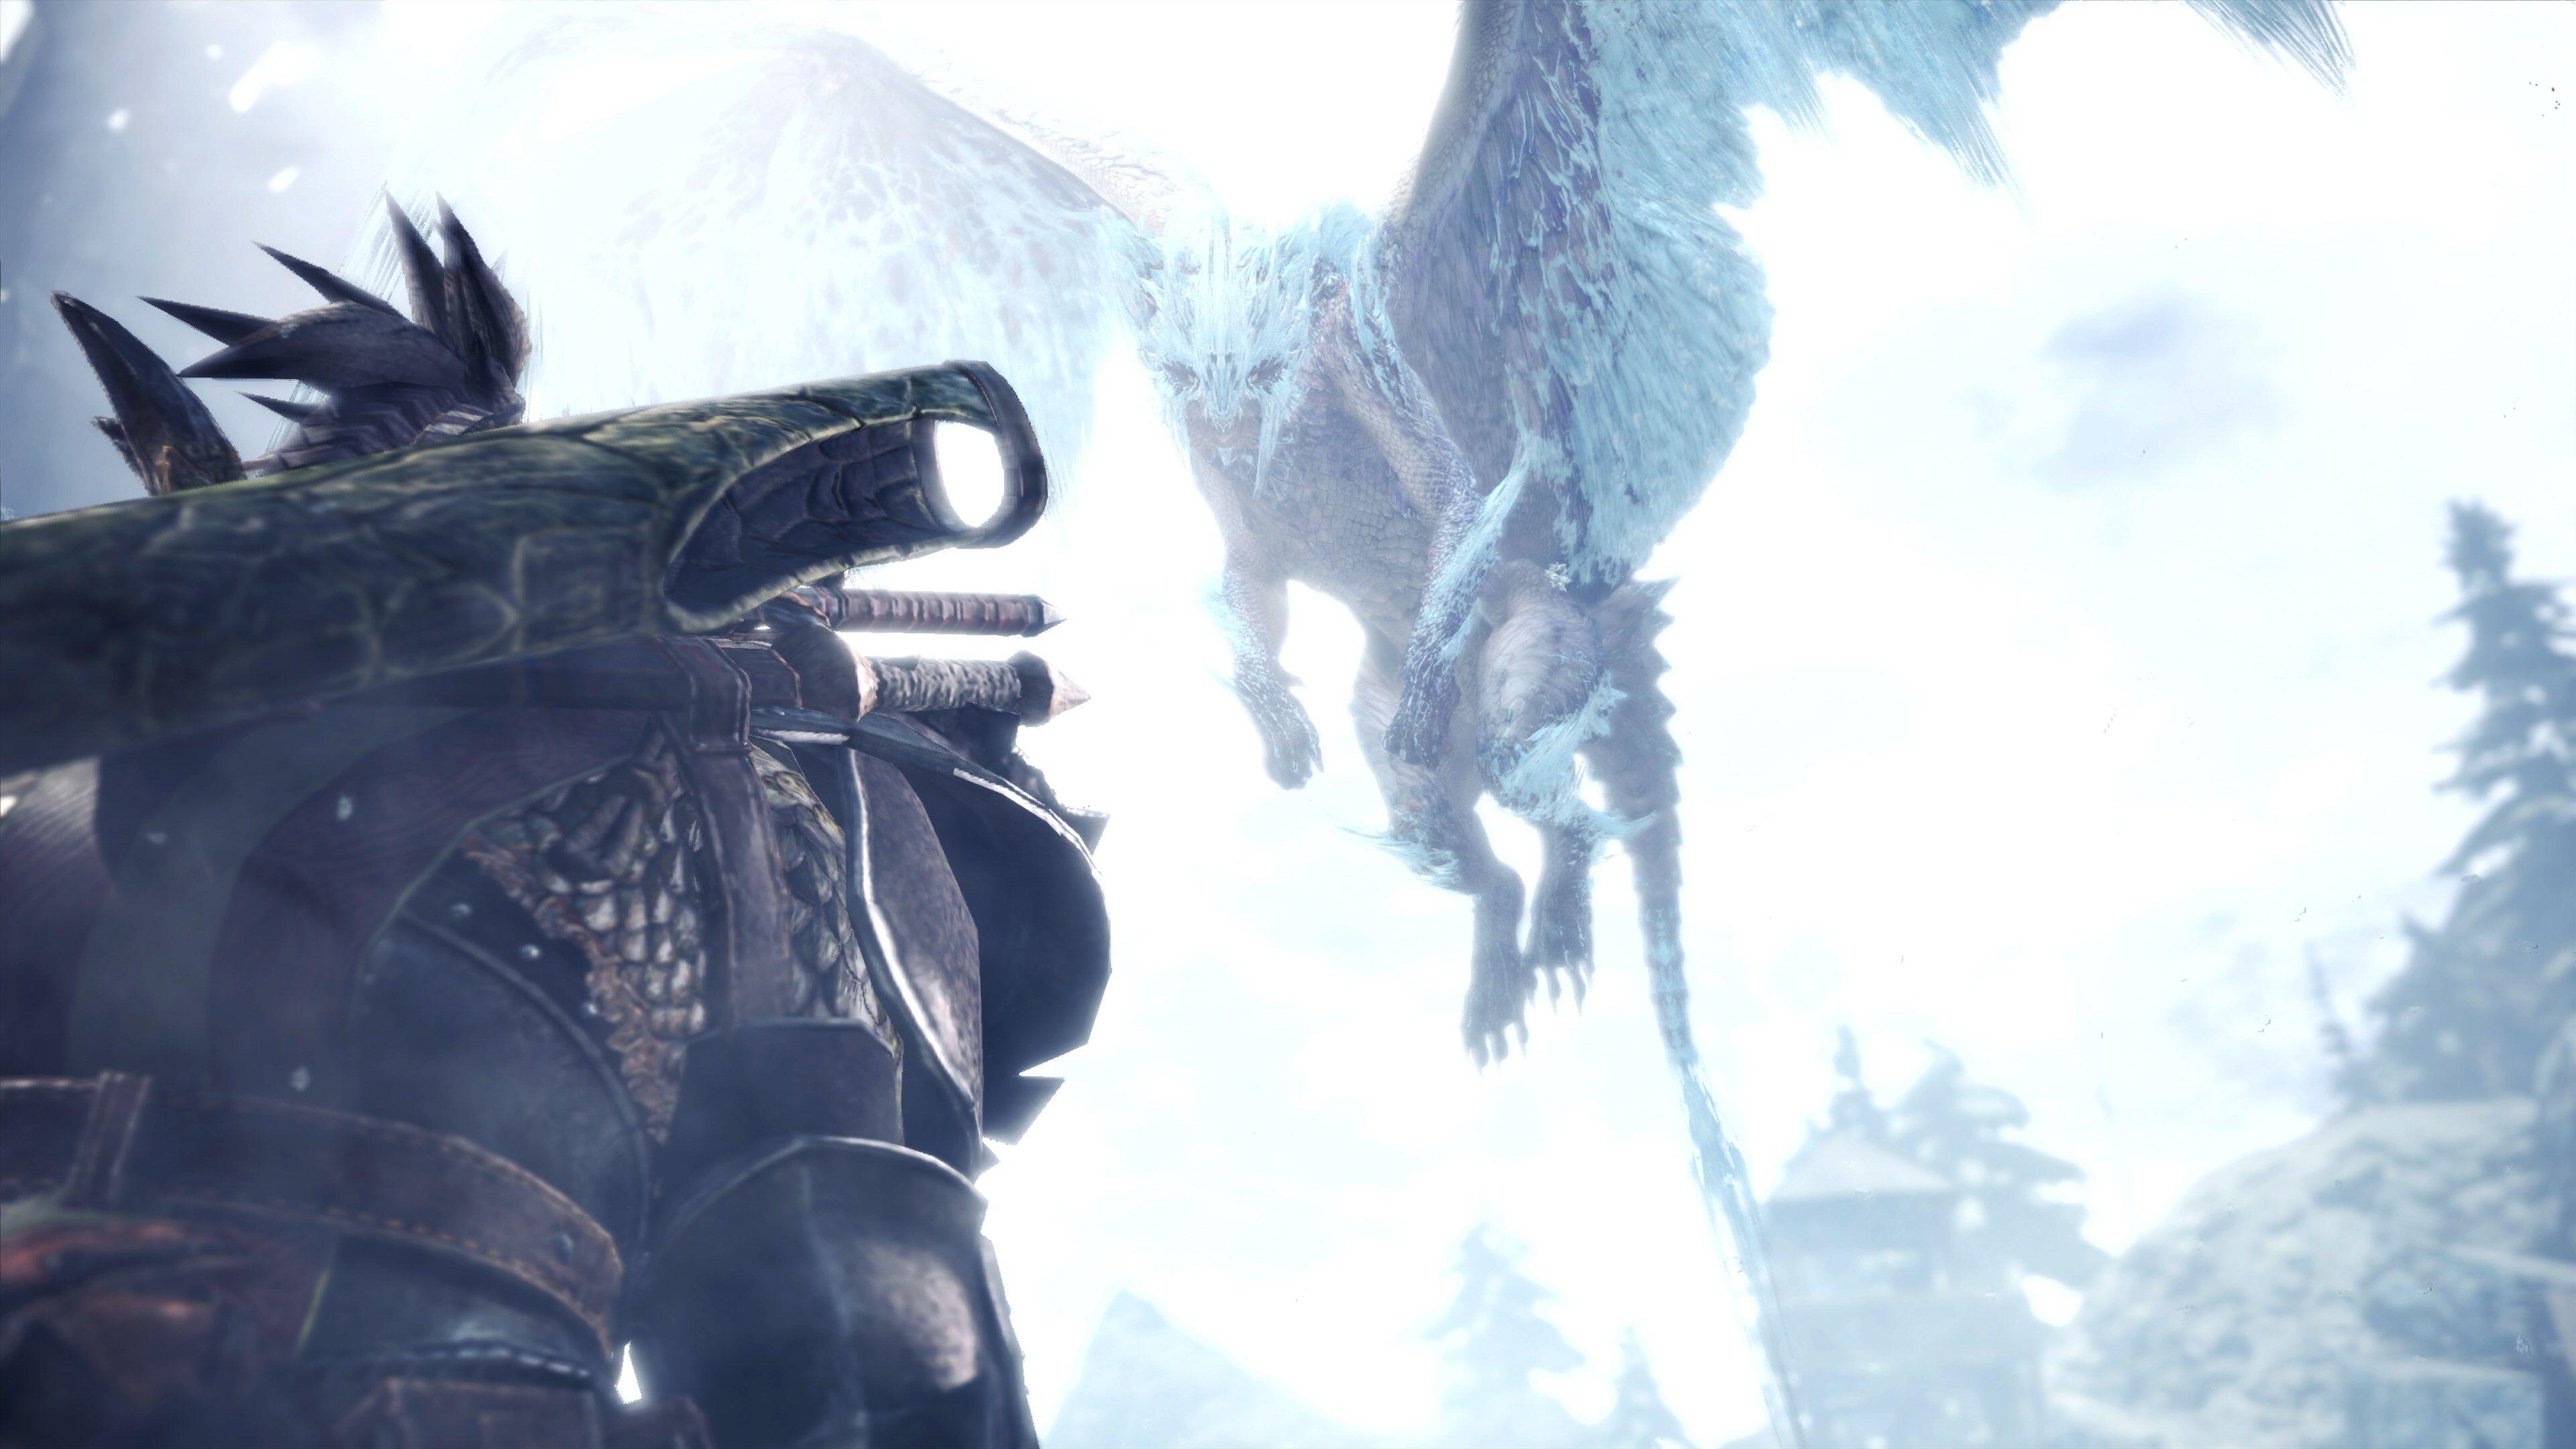 Monster Hunter World: Iceborne review: Flight of the Legiana